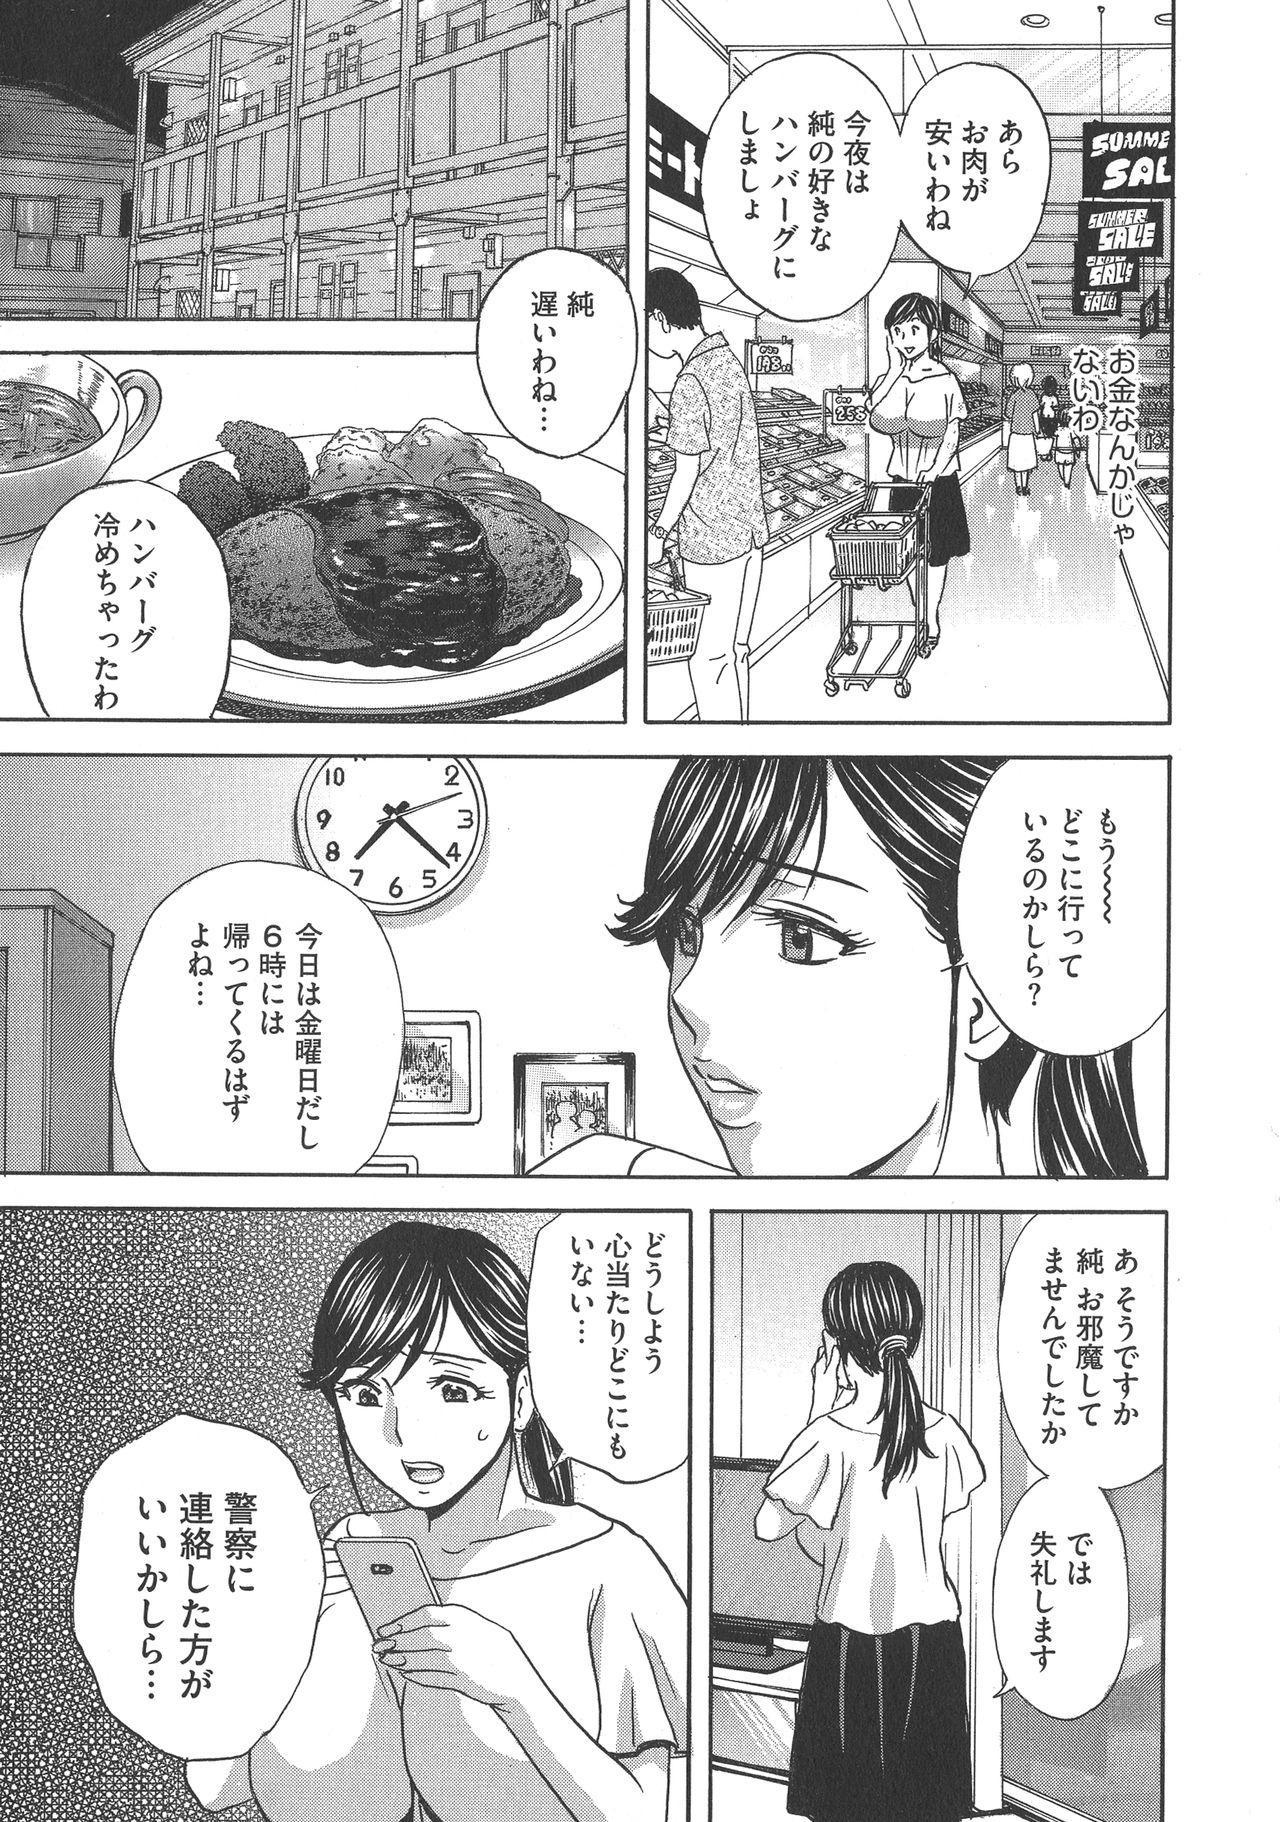 Chijoku ni Modaeru Haha no Chichi… 154